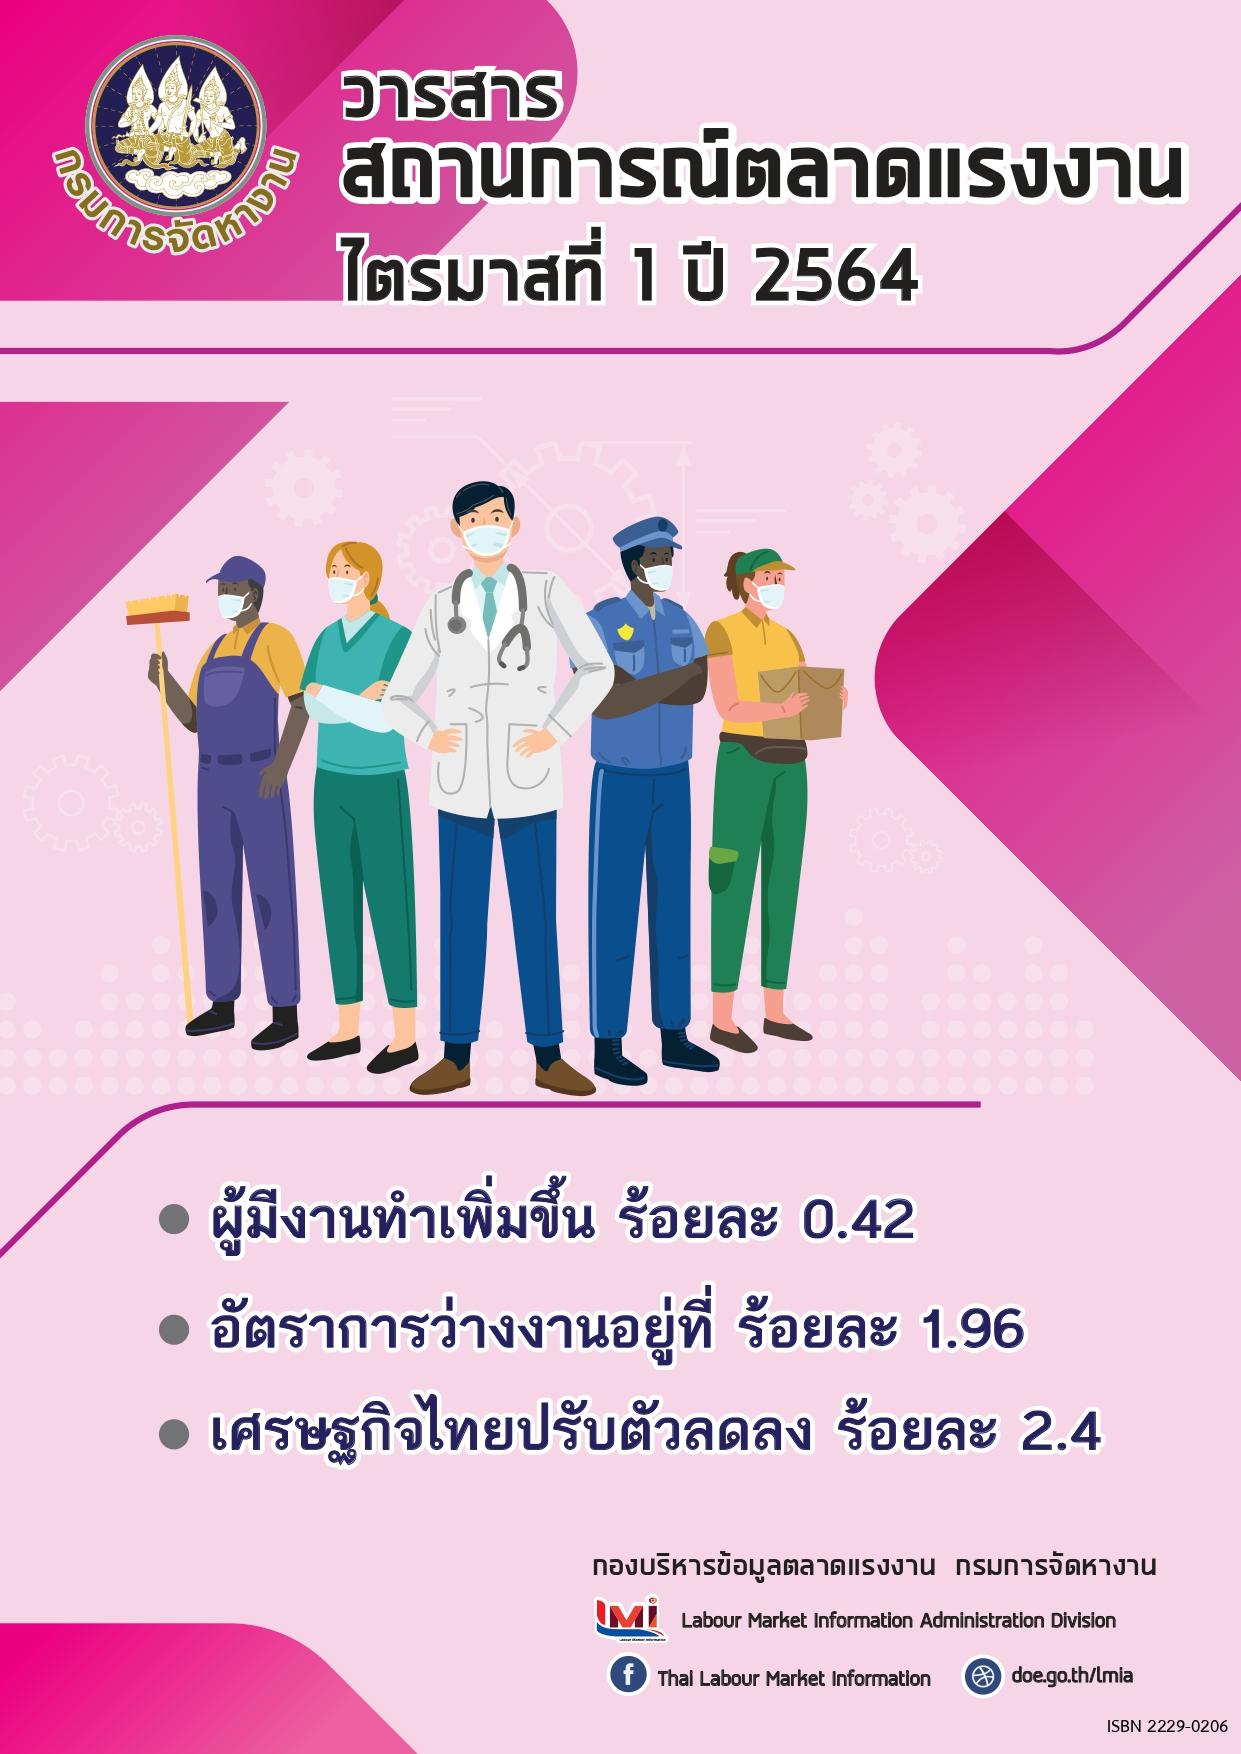 วารสารสถานการณ์ตลาดแรงงานไตรมาสที่ 1/2564